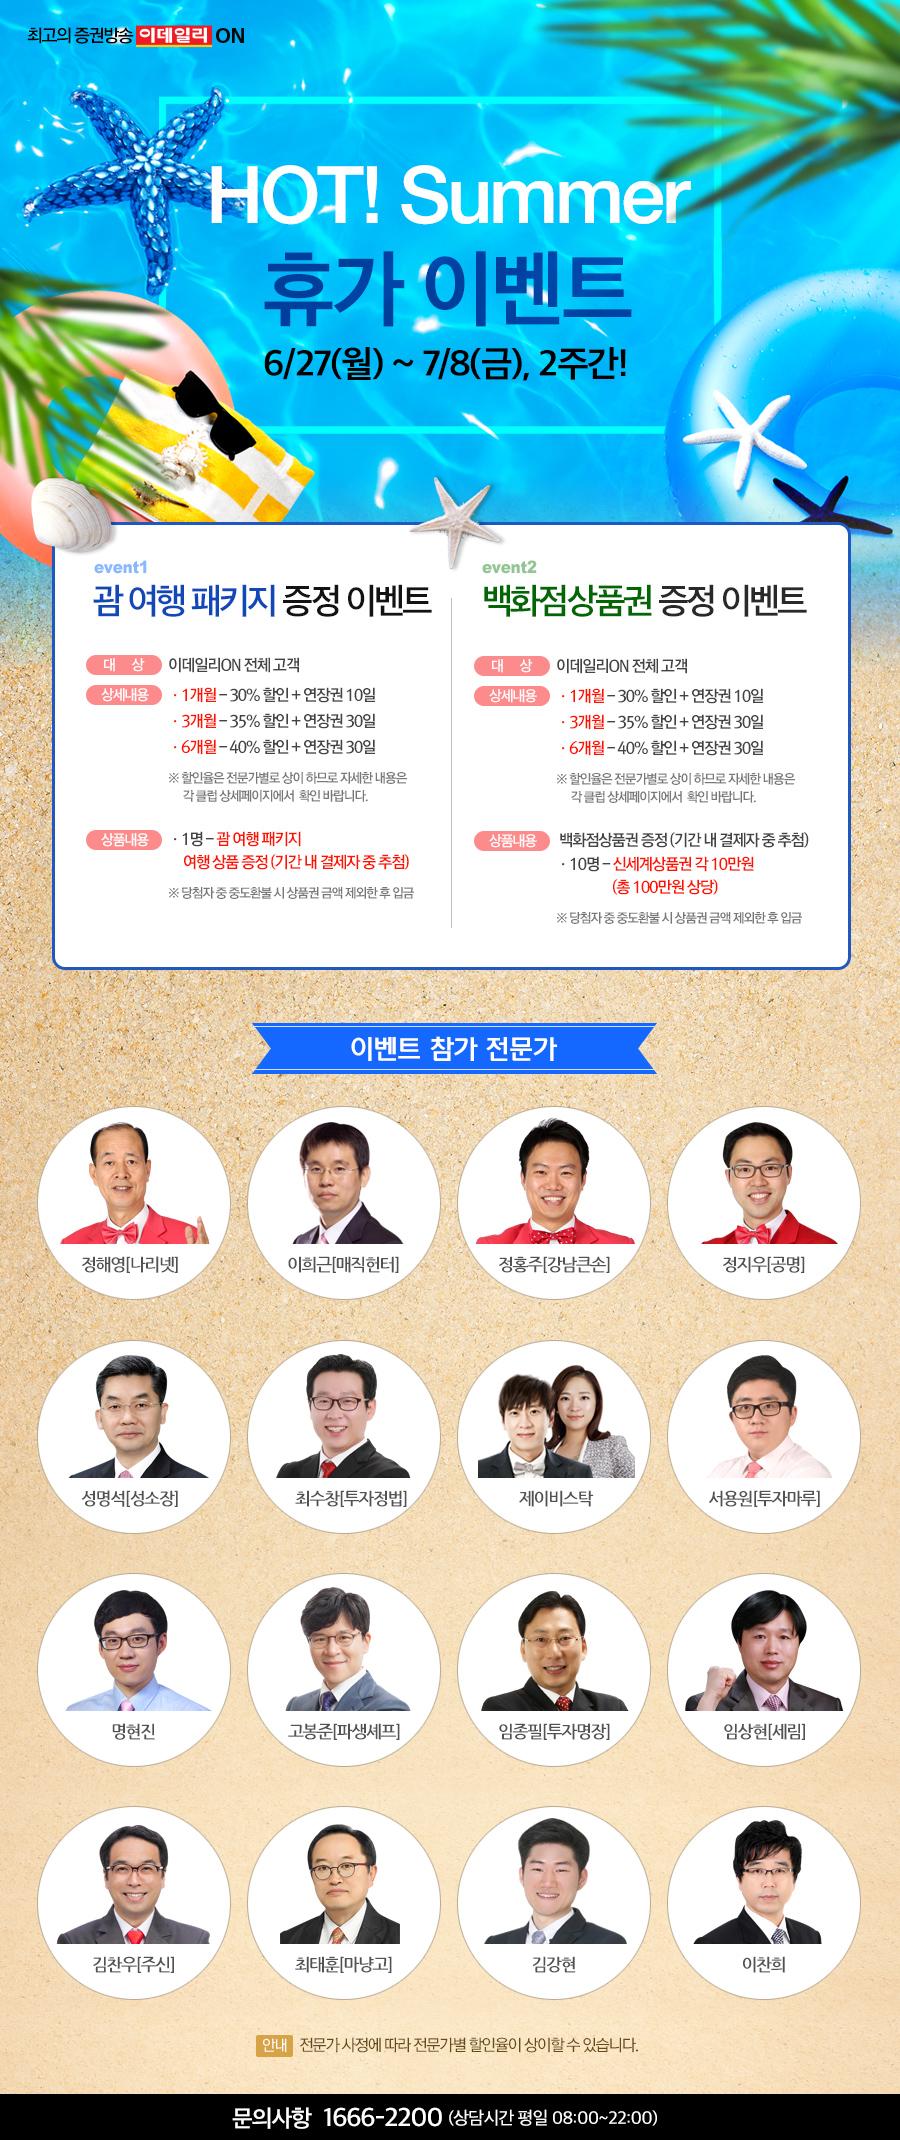 6월 썸머 휴가 이벤트